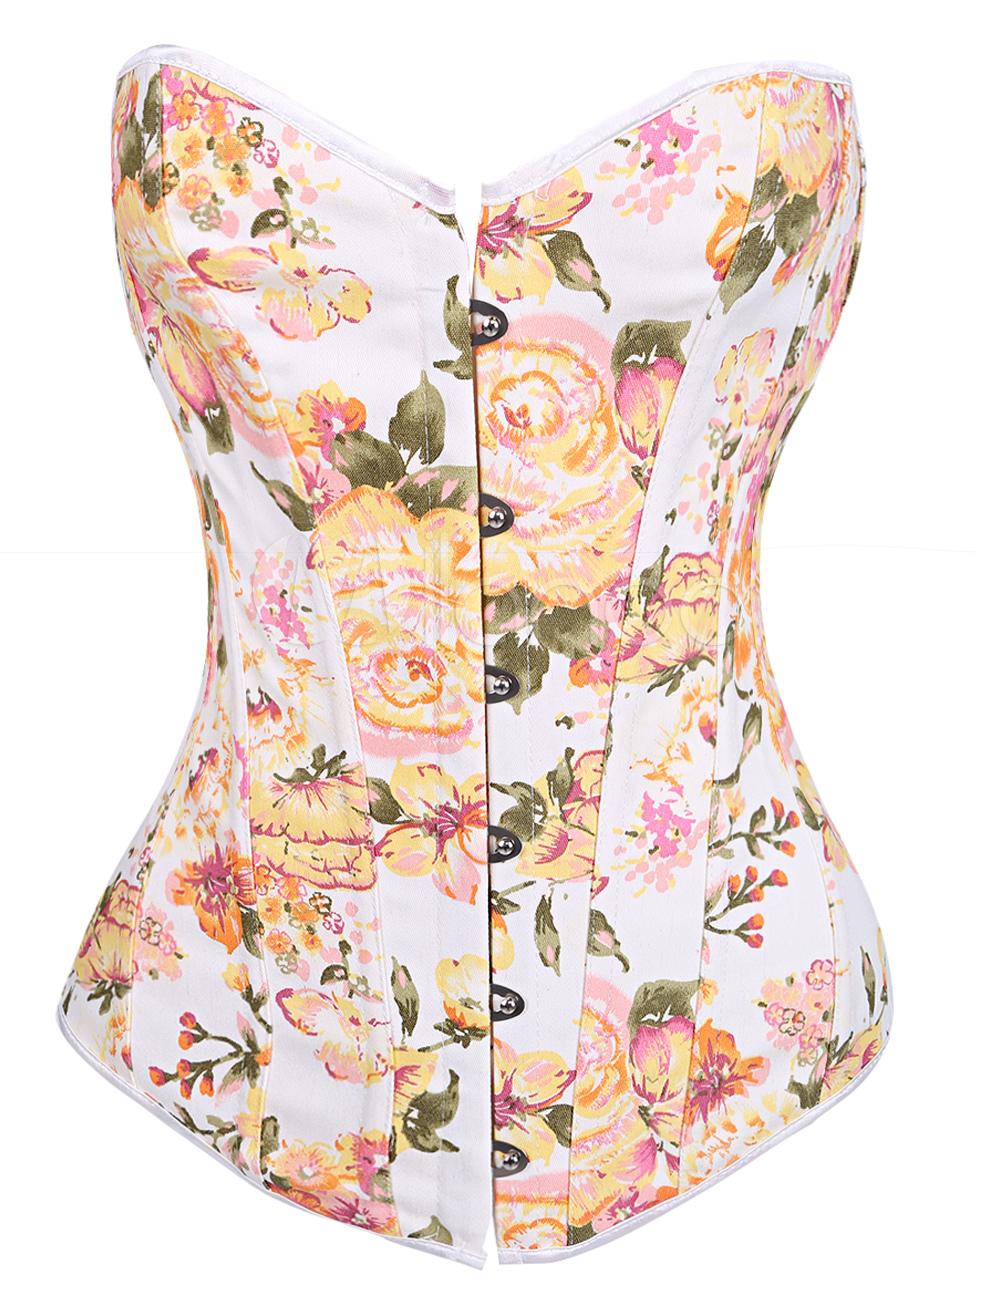 White Floral Print Cotton  Lace Up Corsets